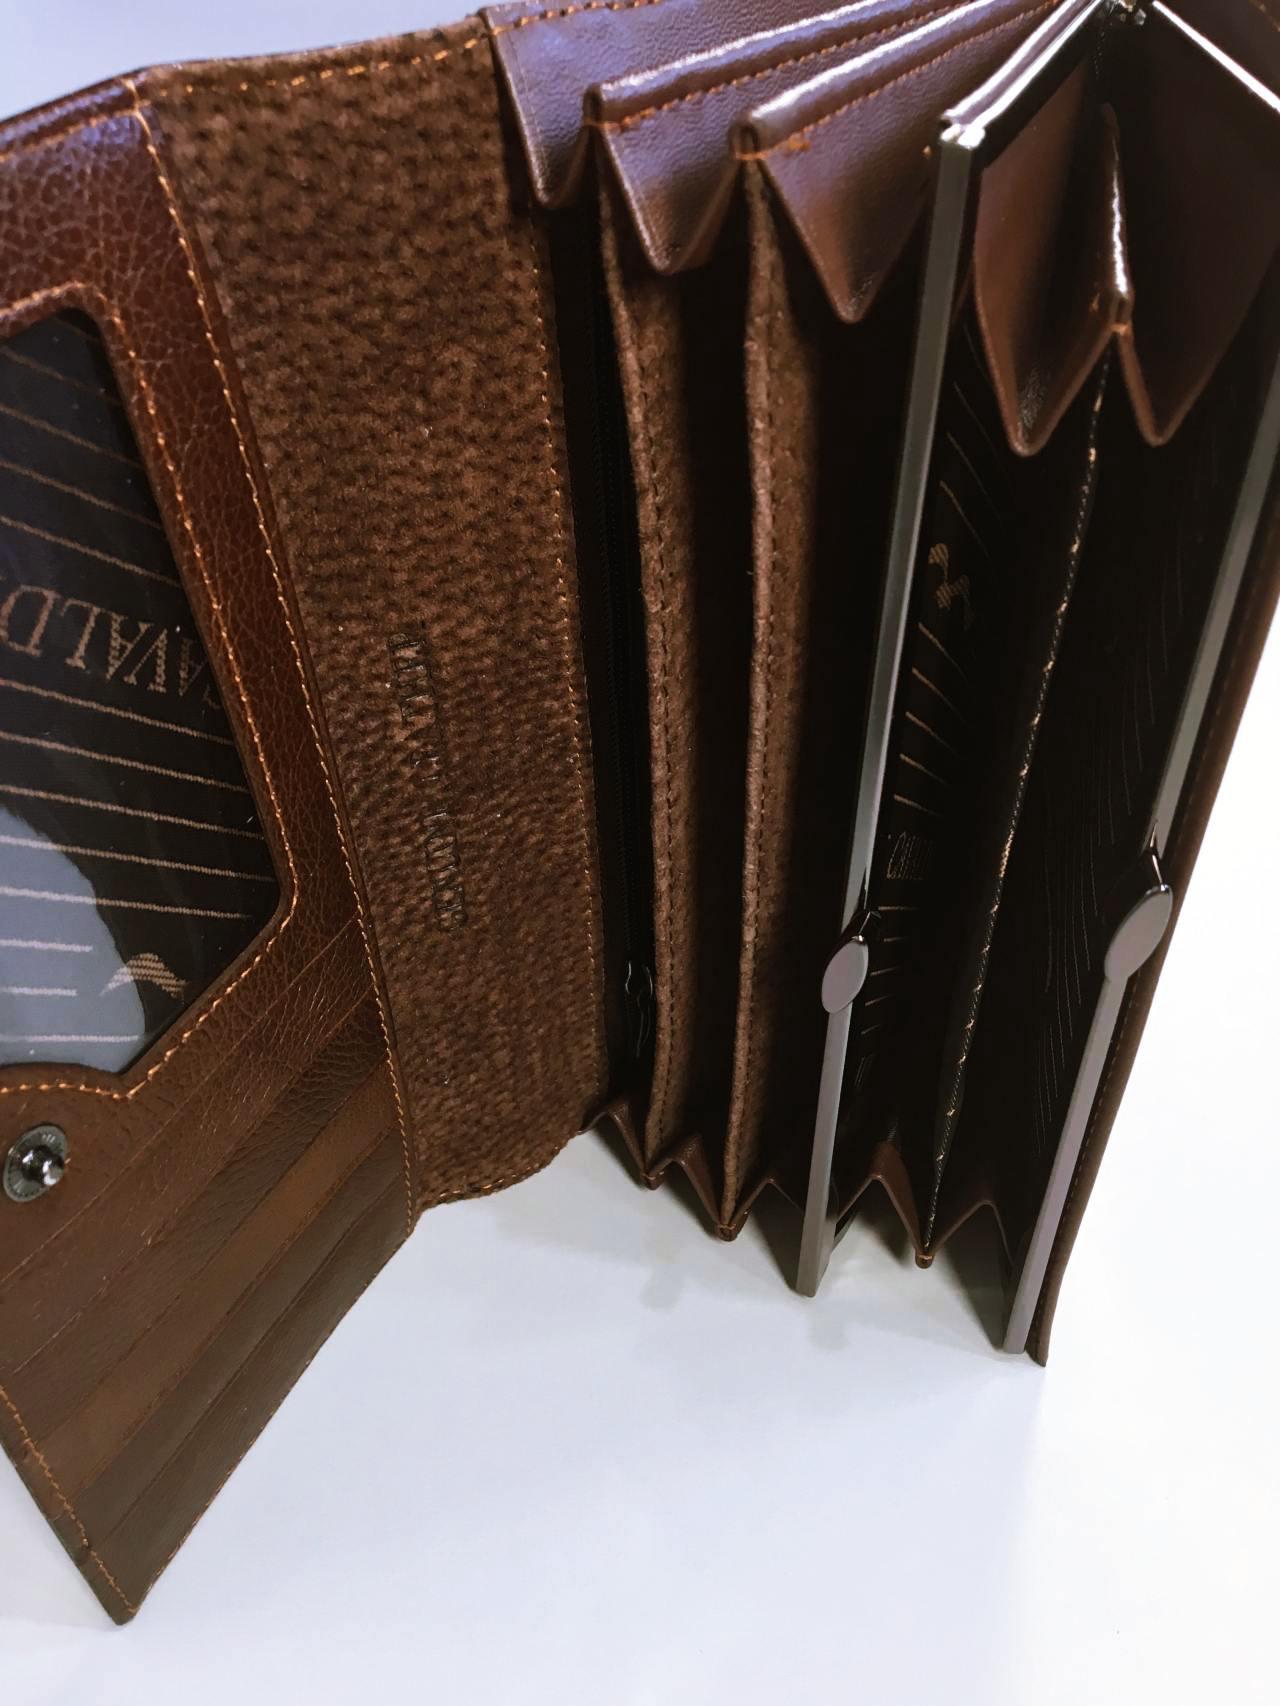 Kožená peněženka Cavaldi tmavě hnědá lesklá 05